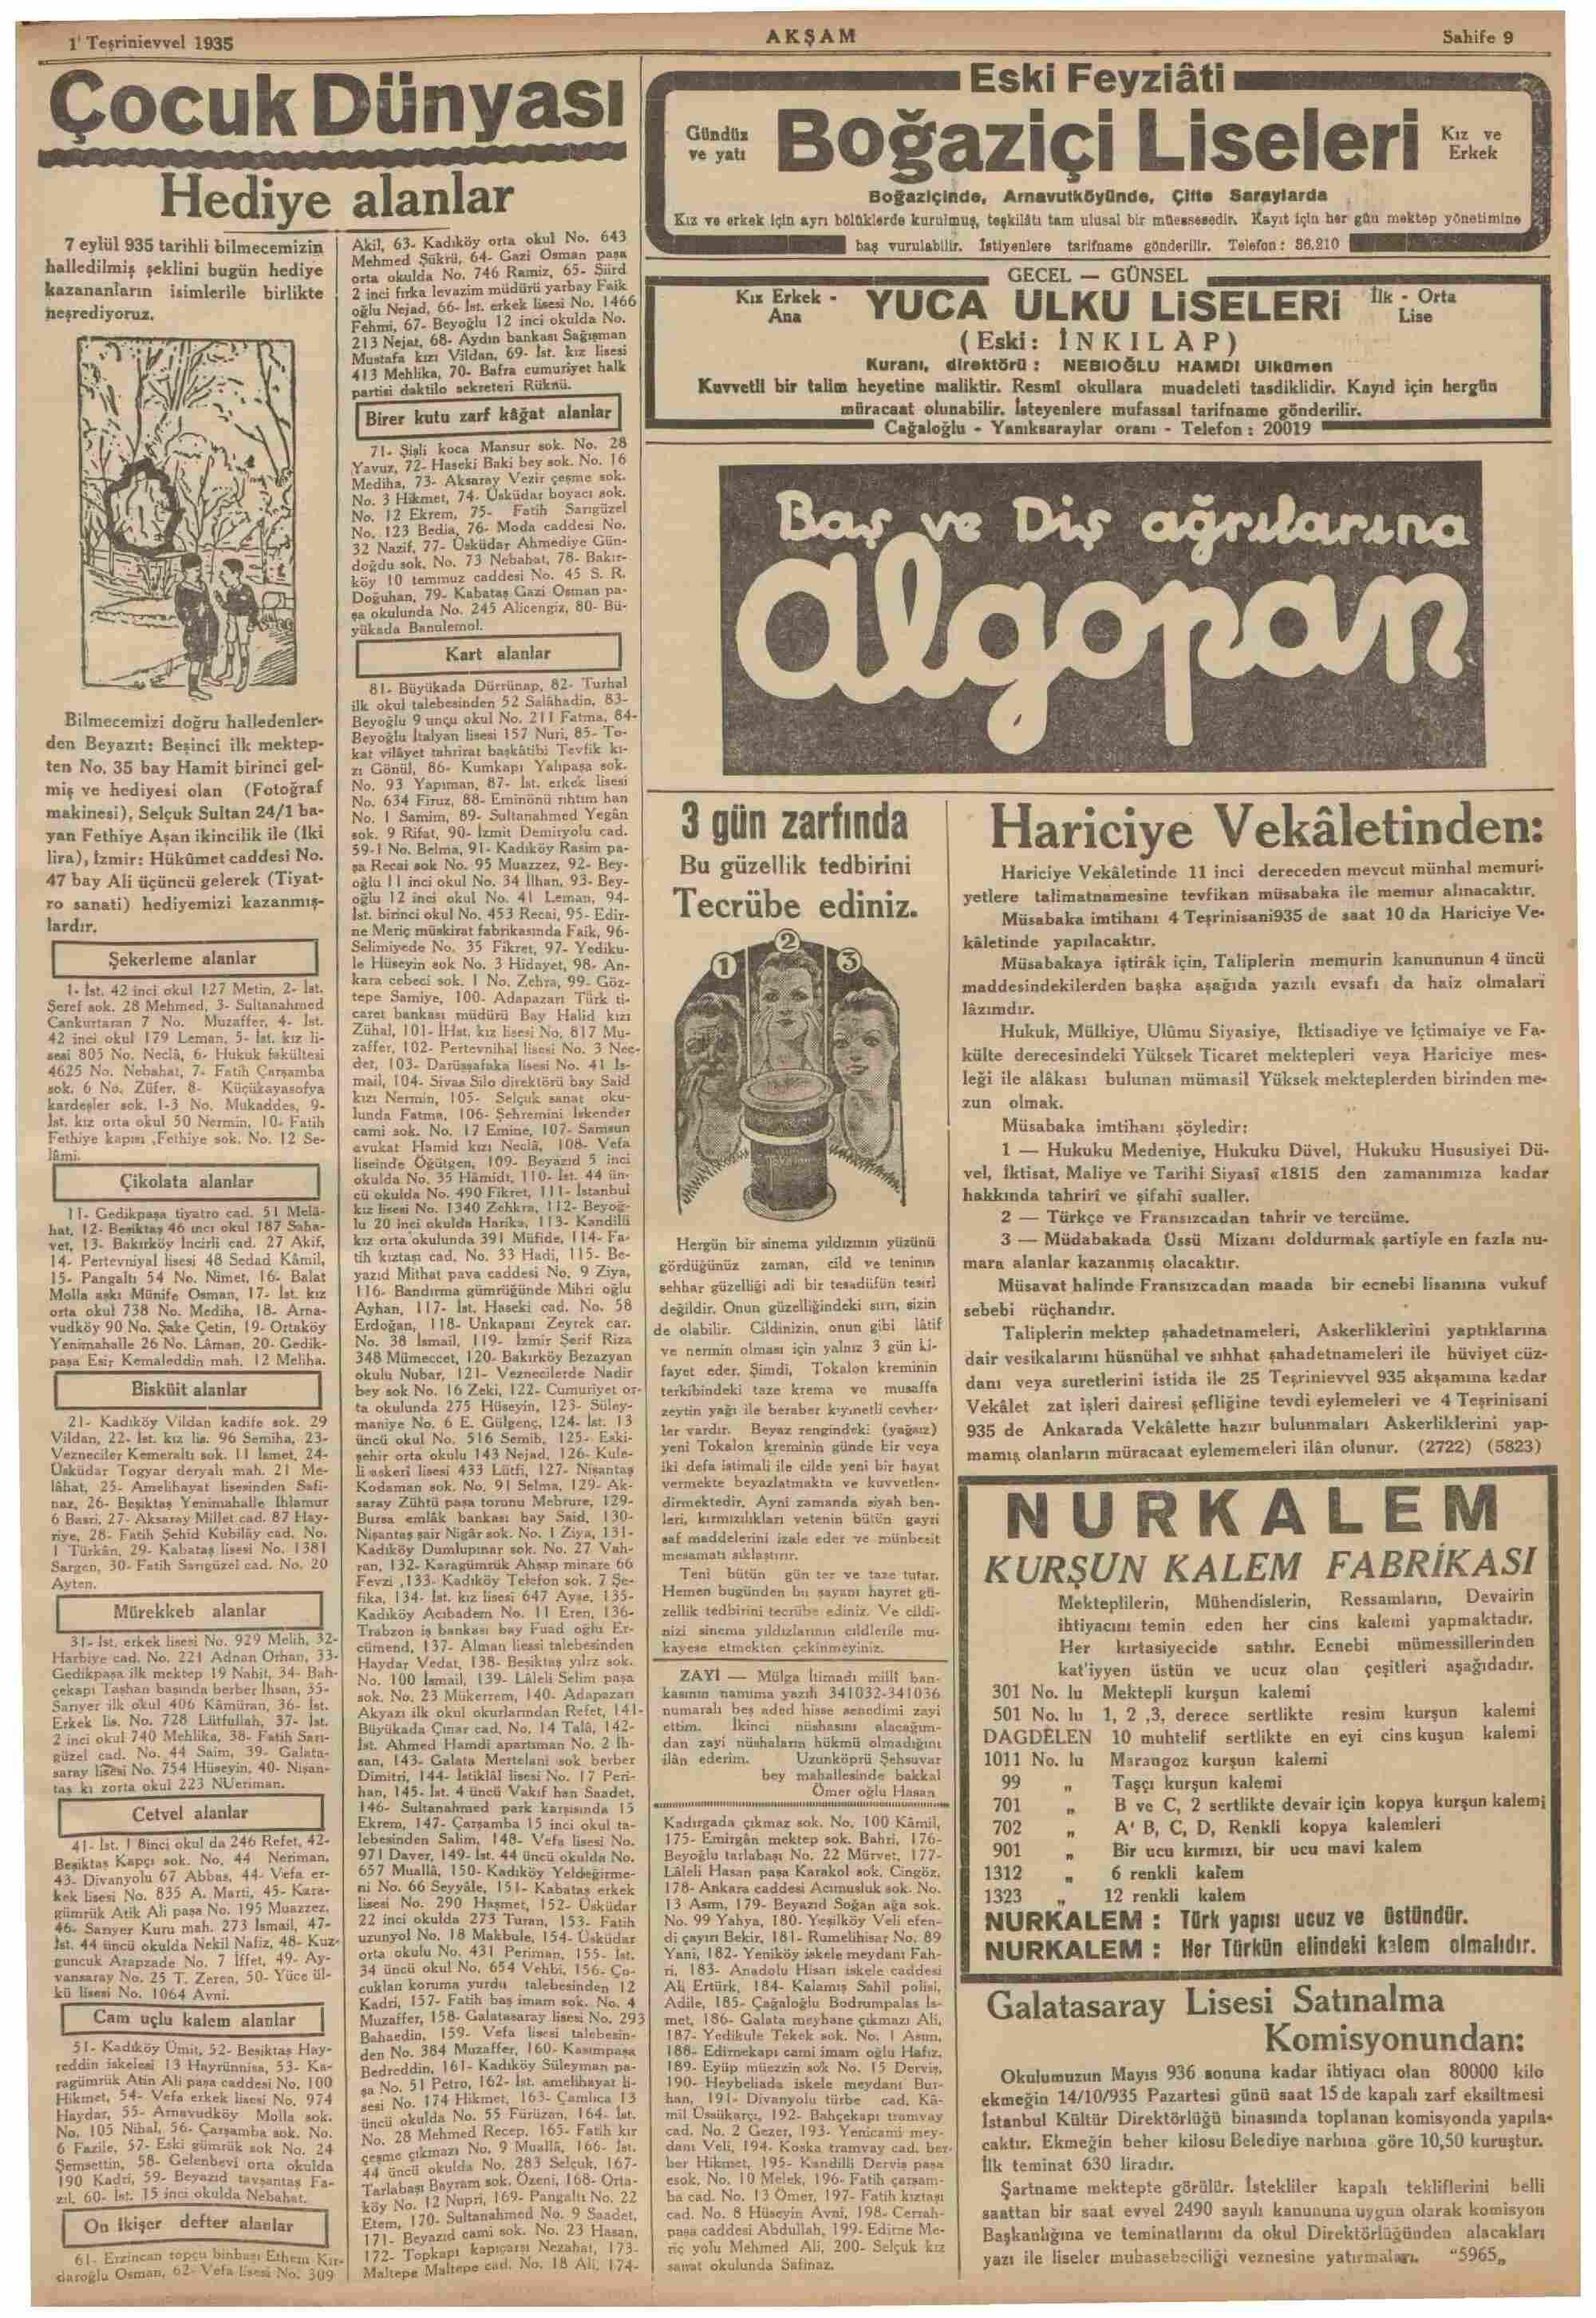 1 Ekim 1935 Tarihli Akşam Dergisi Sayfa 7